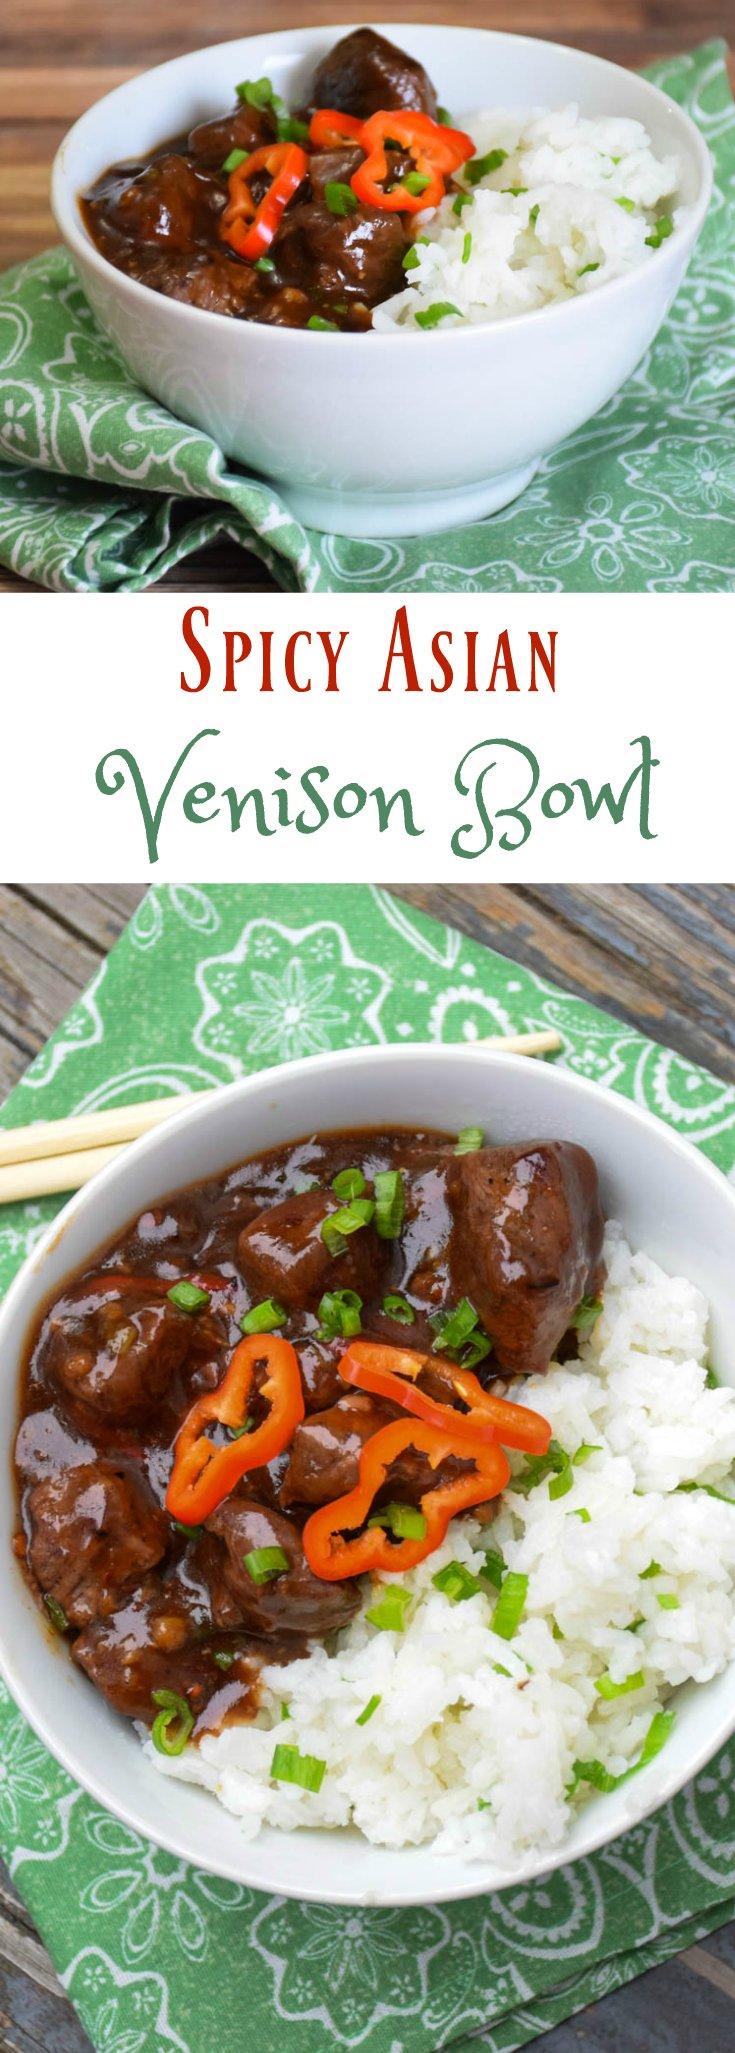 Spicy Asian Venison Bowl